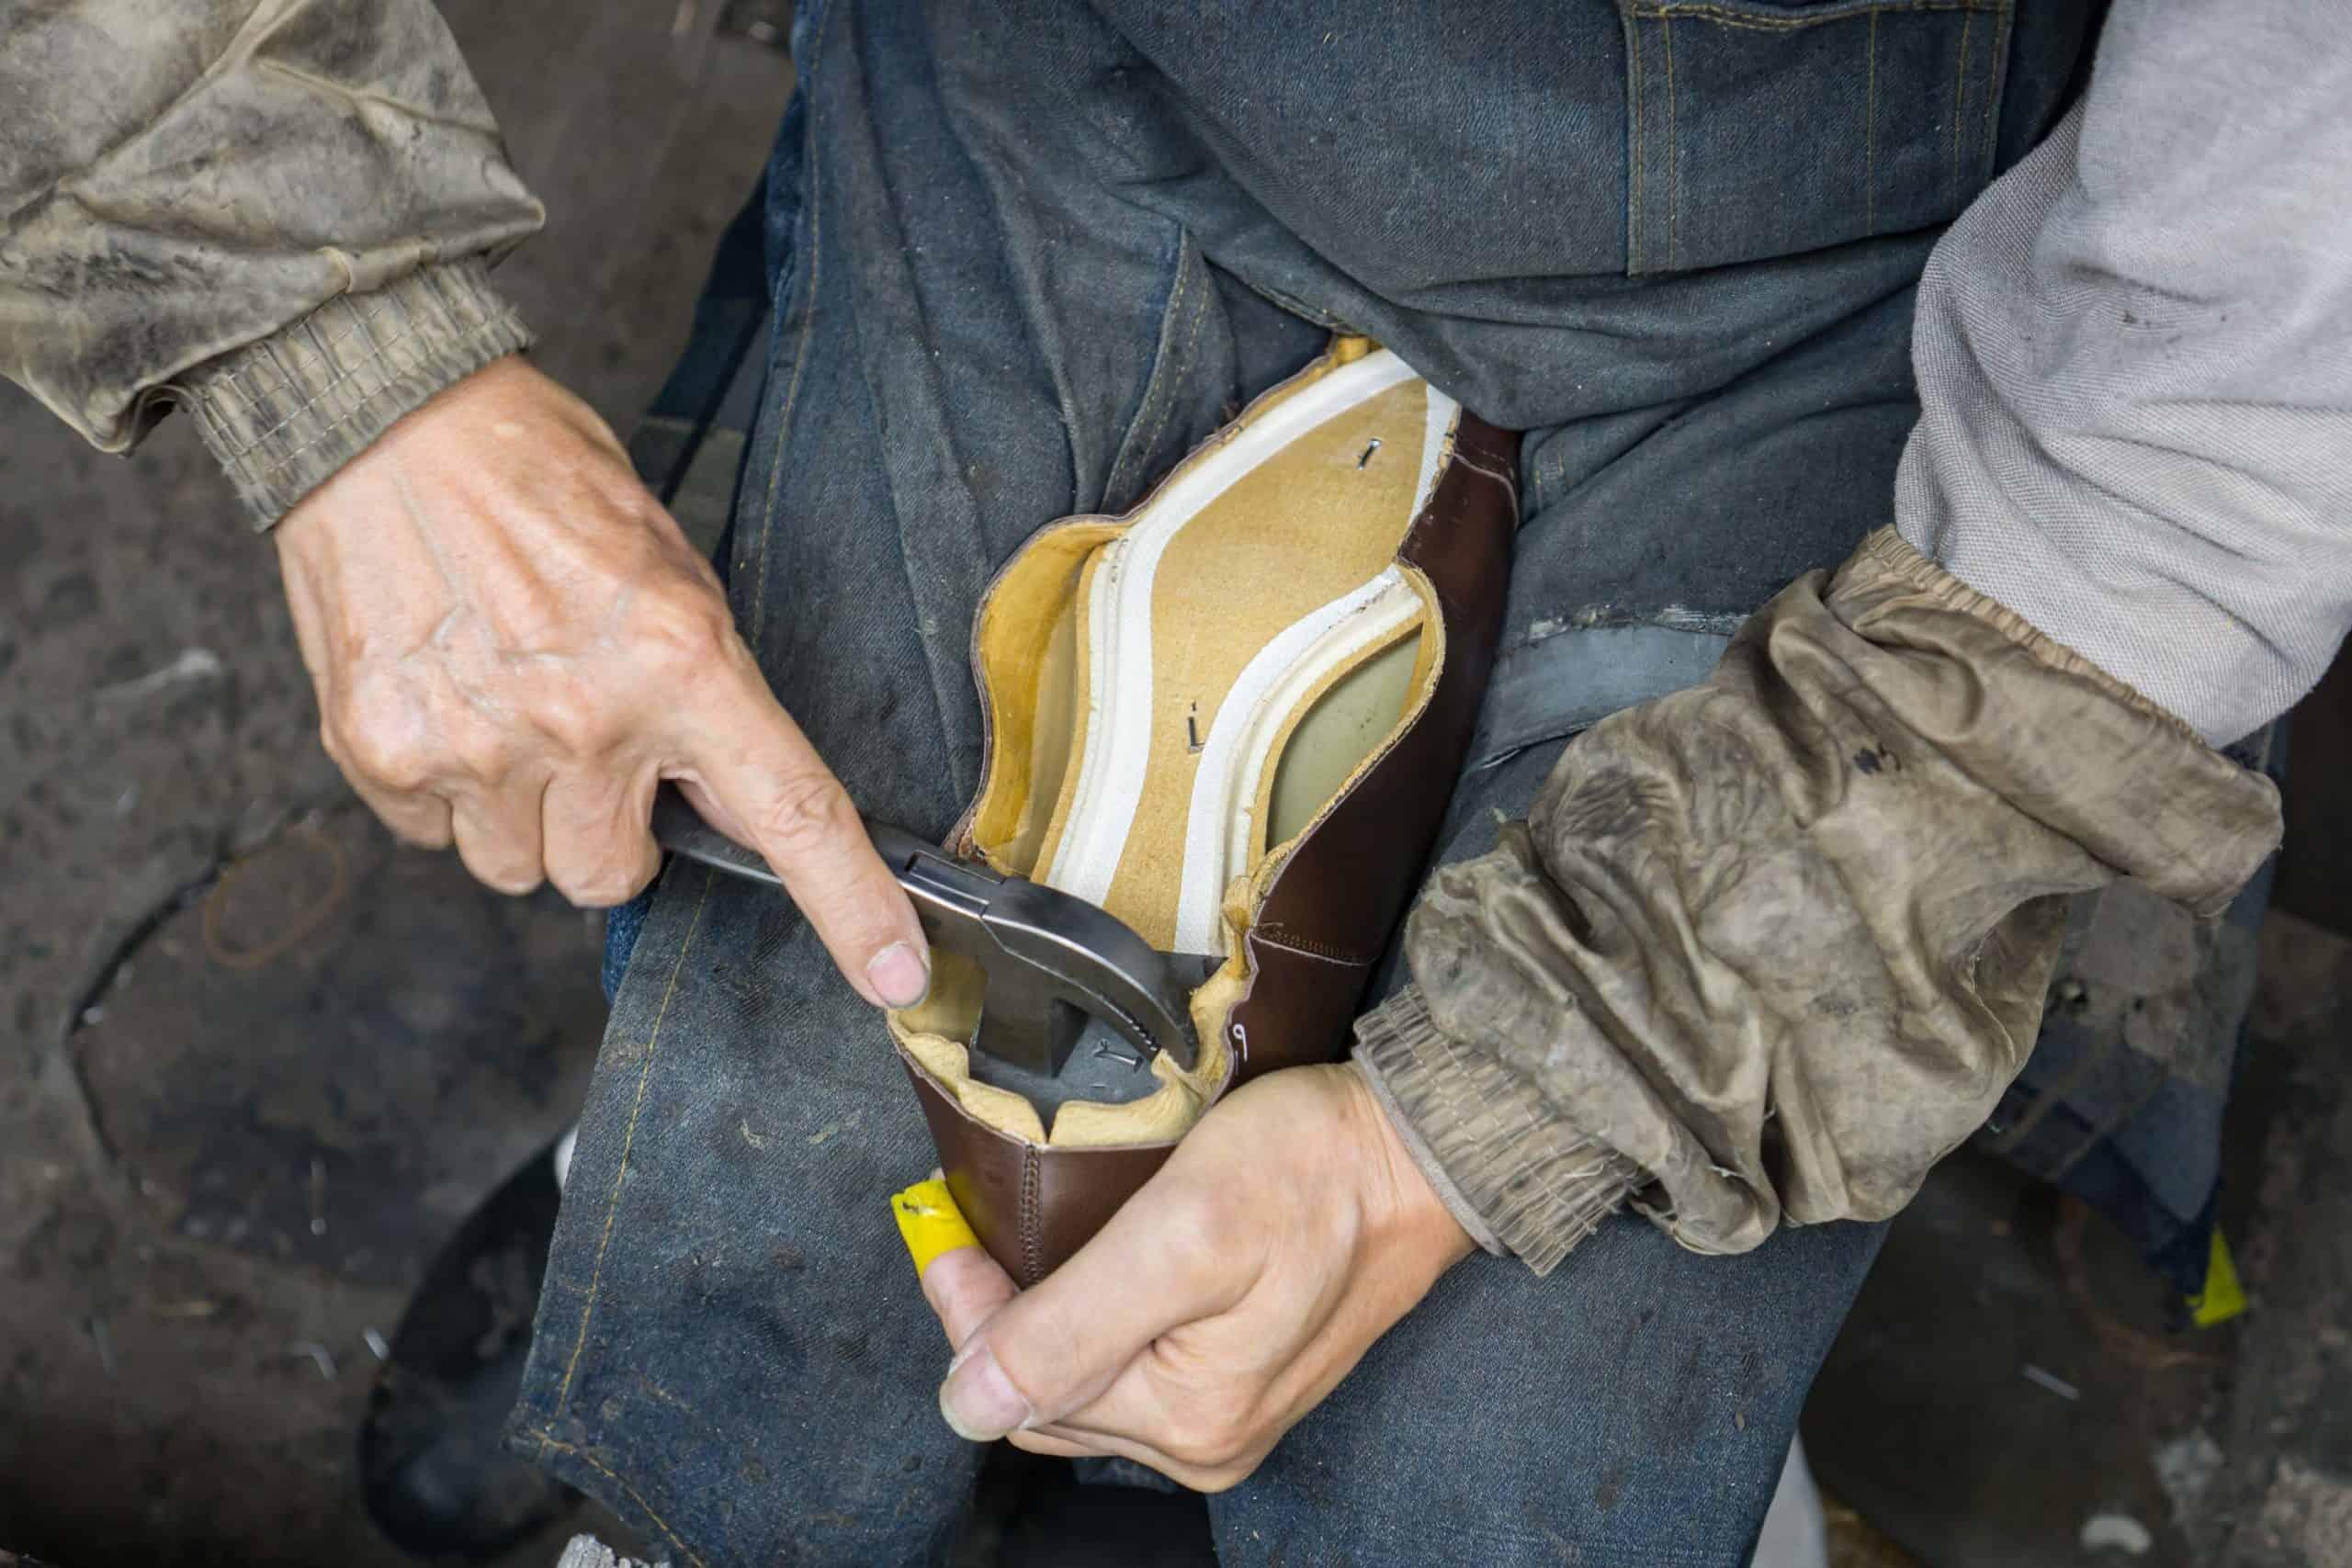 Un exemple intéressant, Central Shoes au Japon. Le montage est effectué partiellement à la machine (mur collé) et partiellement à la main. Est-ce que la chaussure est fait main ? Non mais l'usine ne le revendique pas. Elle fabrique essentiellement pour des clients en private label. (source : shoegazing)